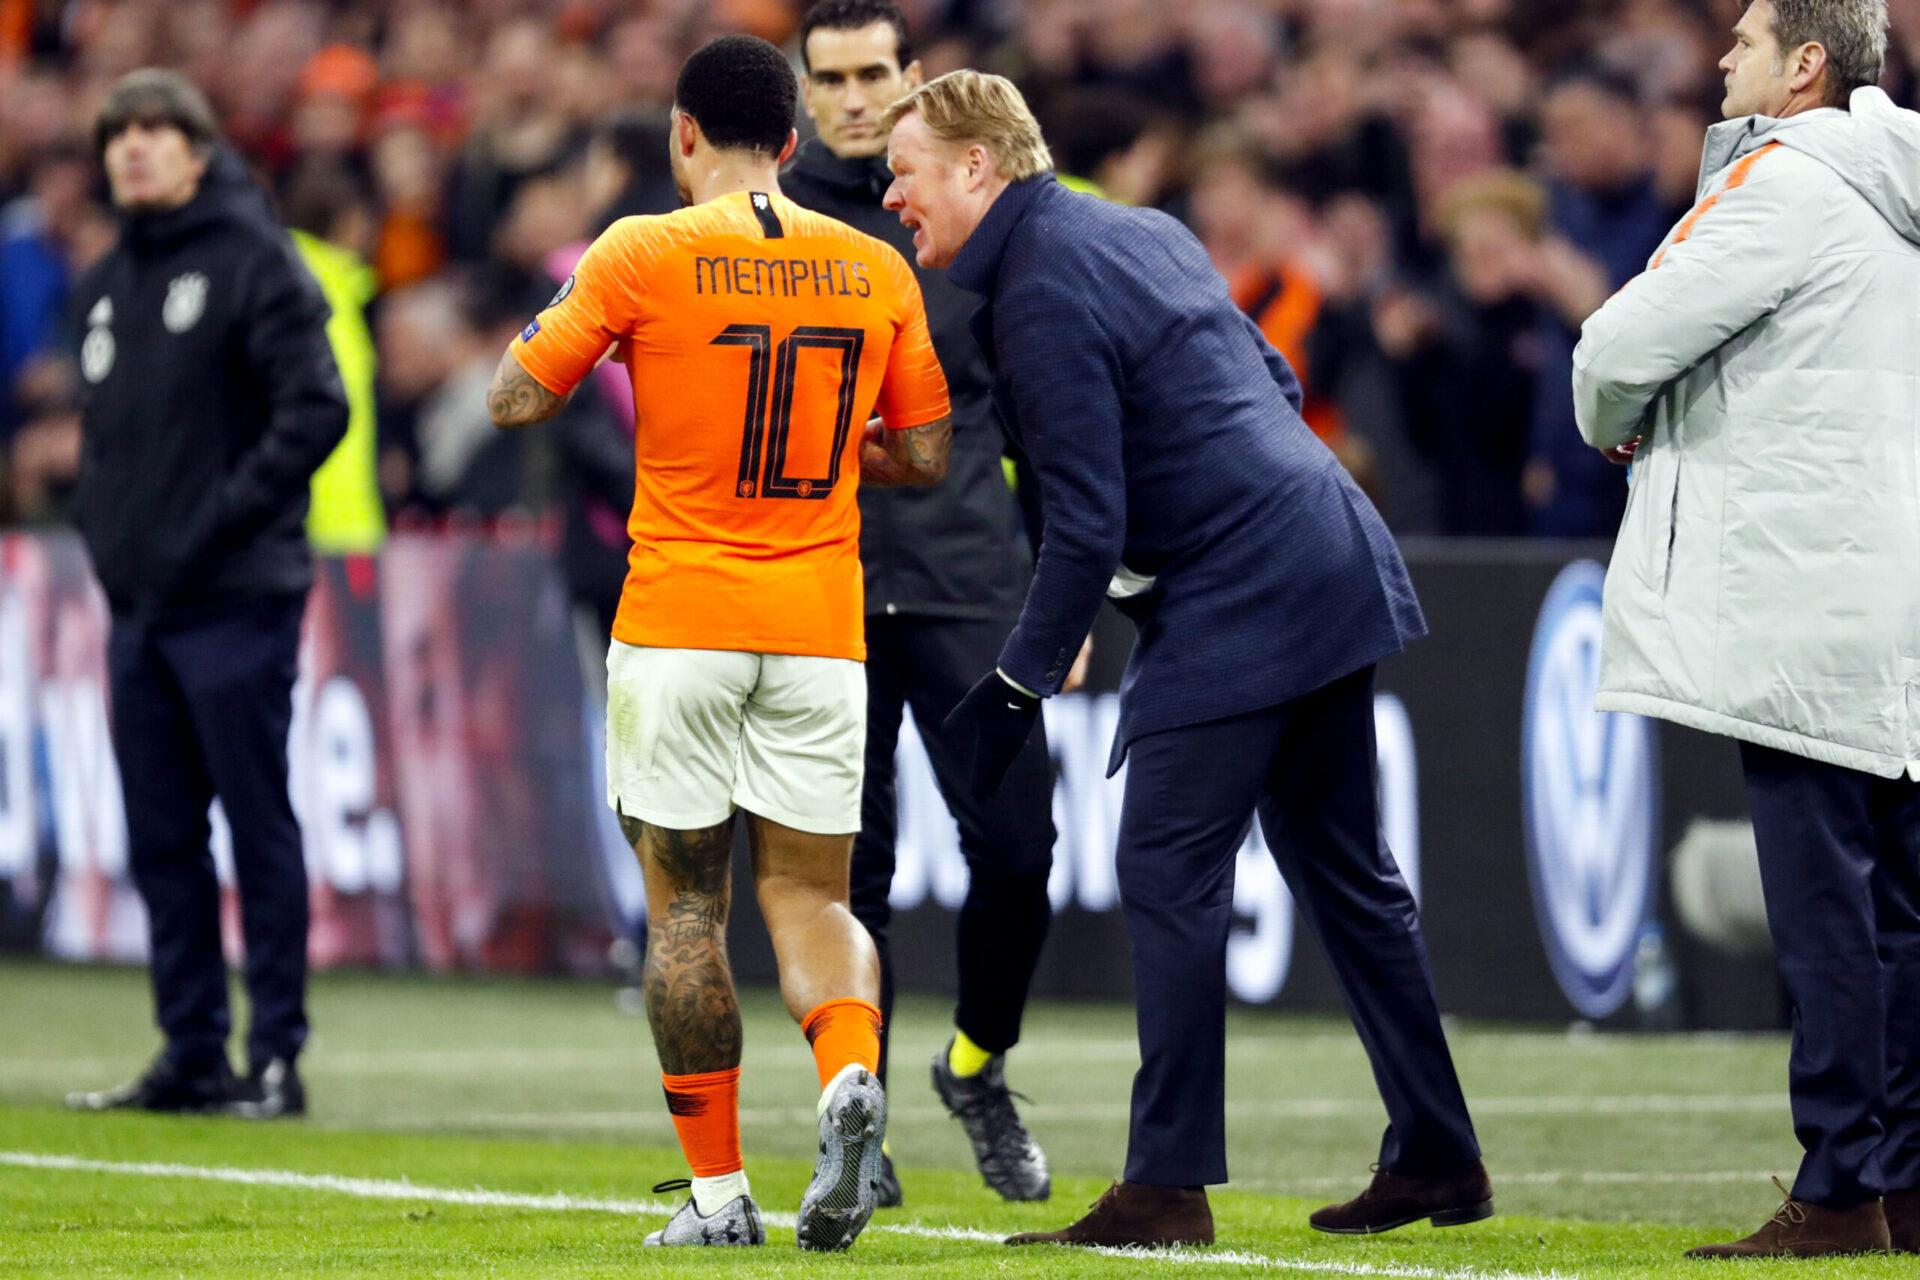 Memphis Depay retrouvera son ancien coach en sélection des Pays-Bas, Ronald Koeman. Icon Sport